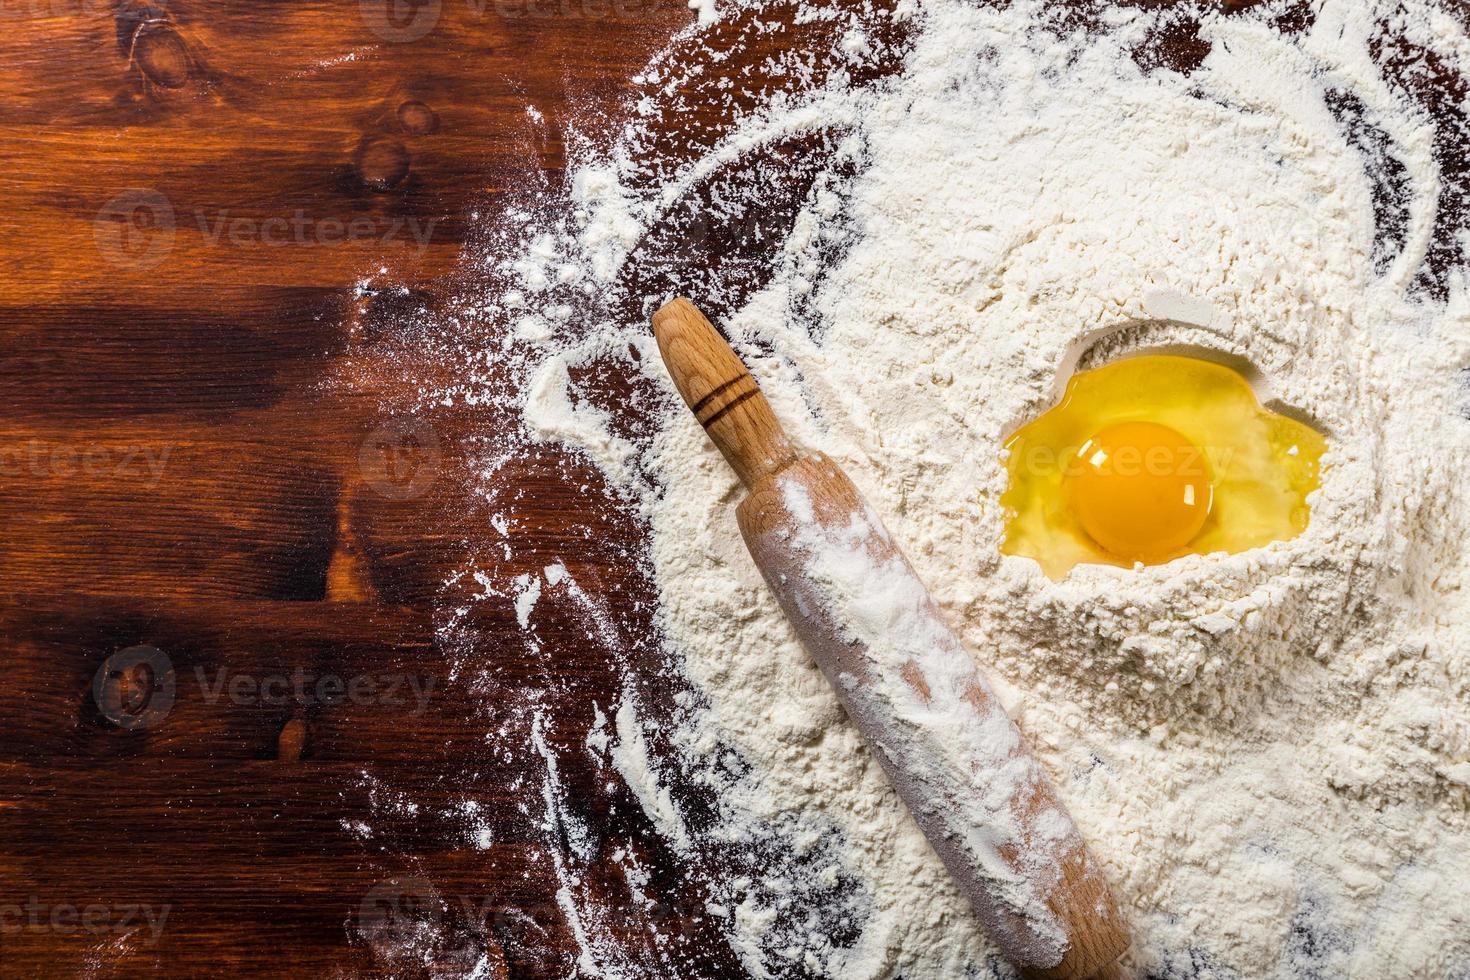 harina, huevo y rodillo con espacio de copia foto